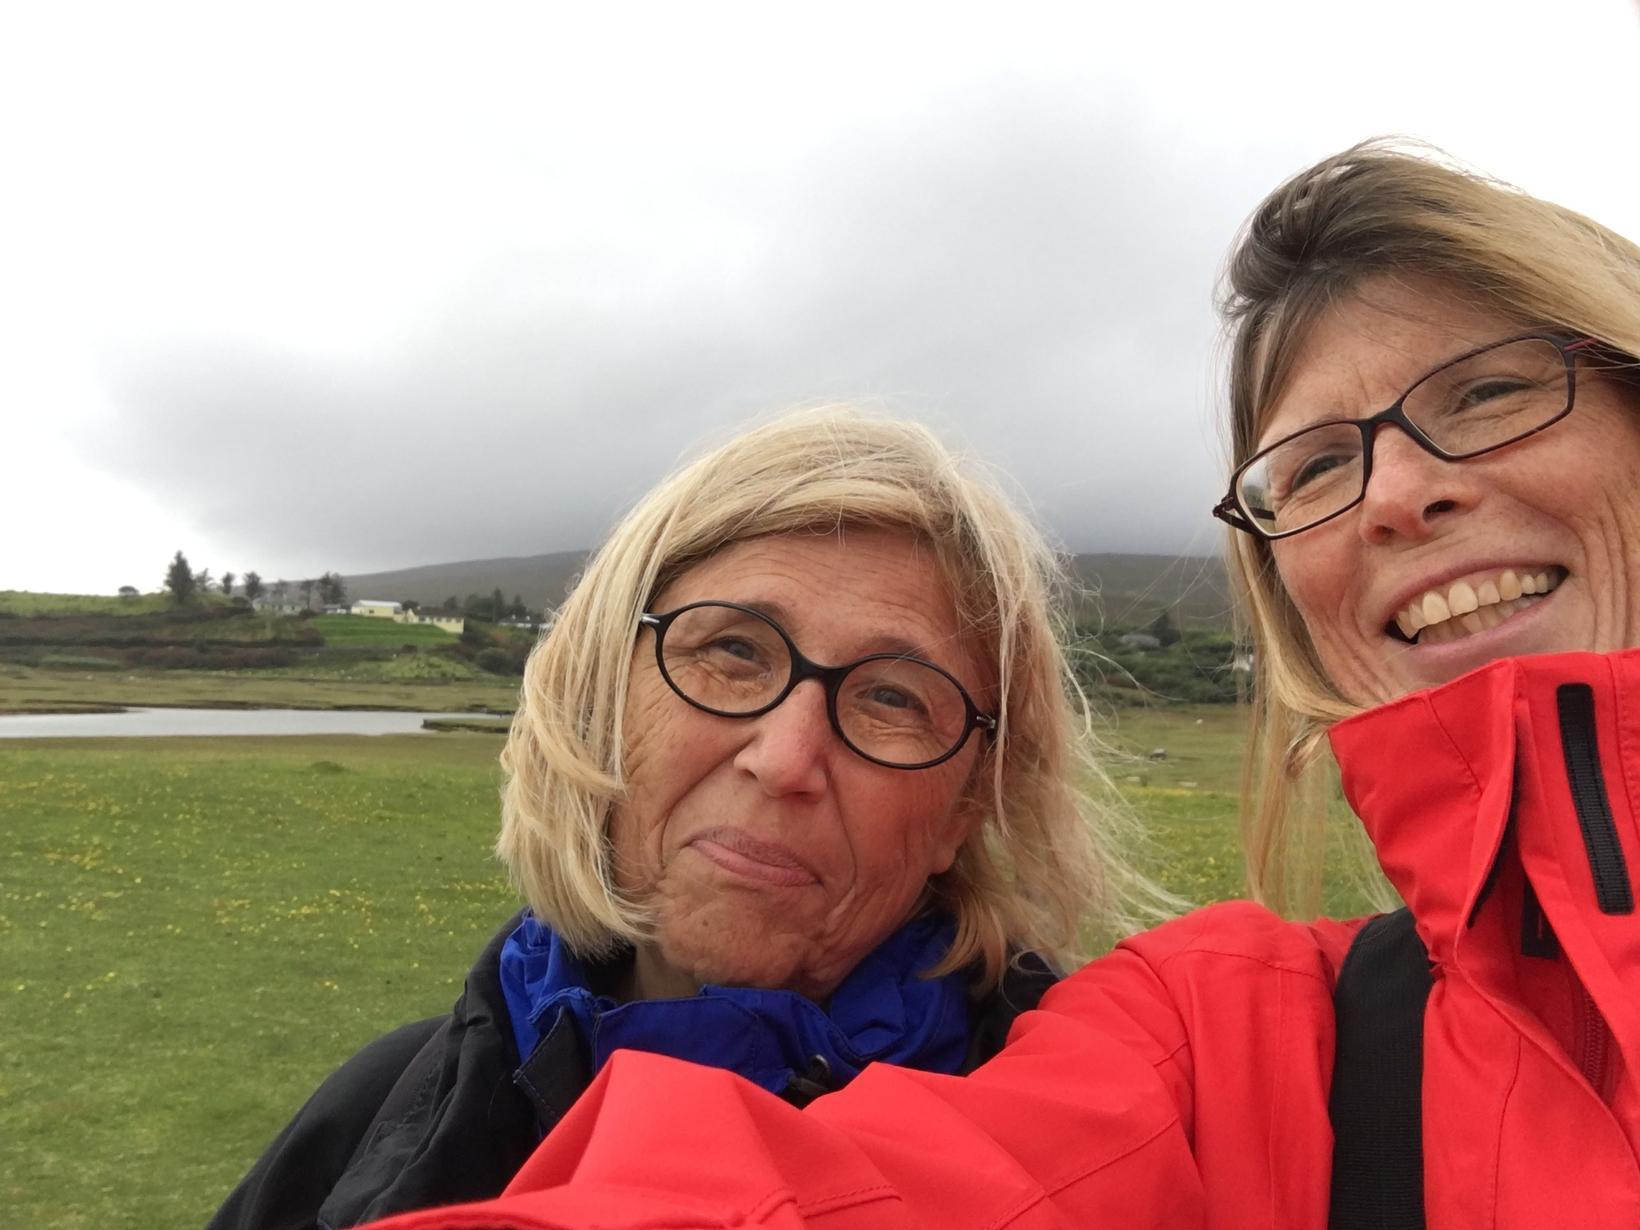 Elke & Brigitte from Munich, Germany